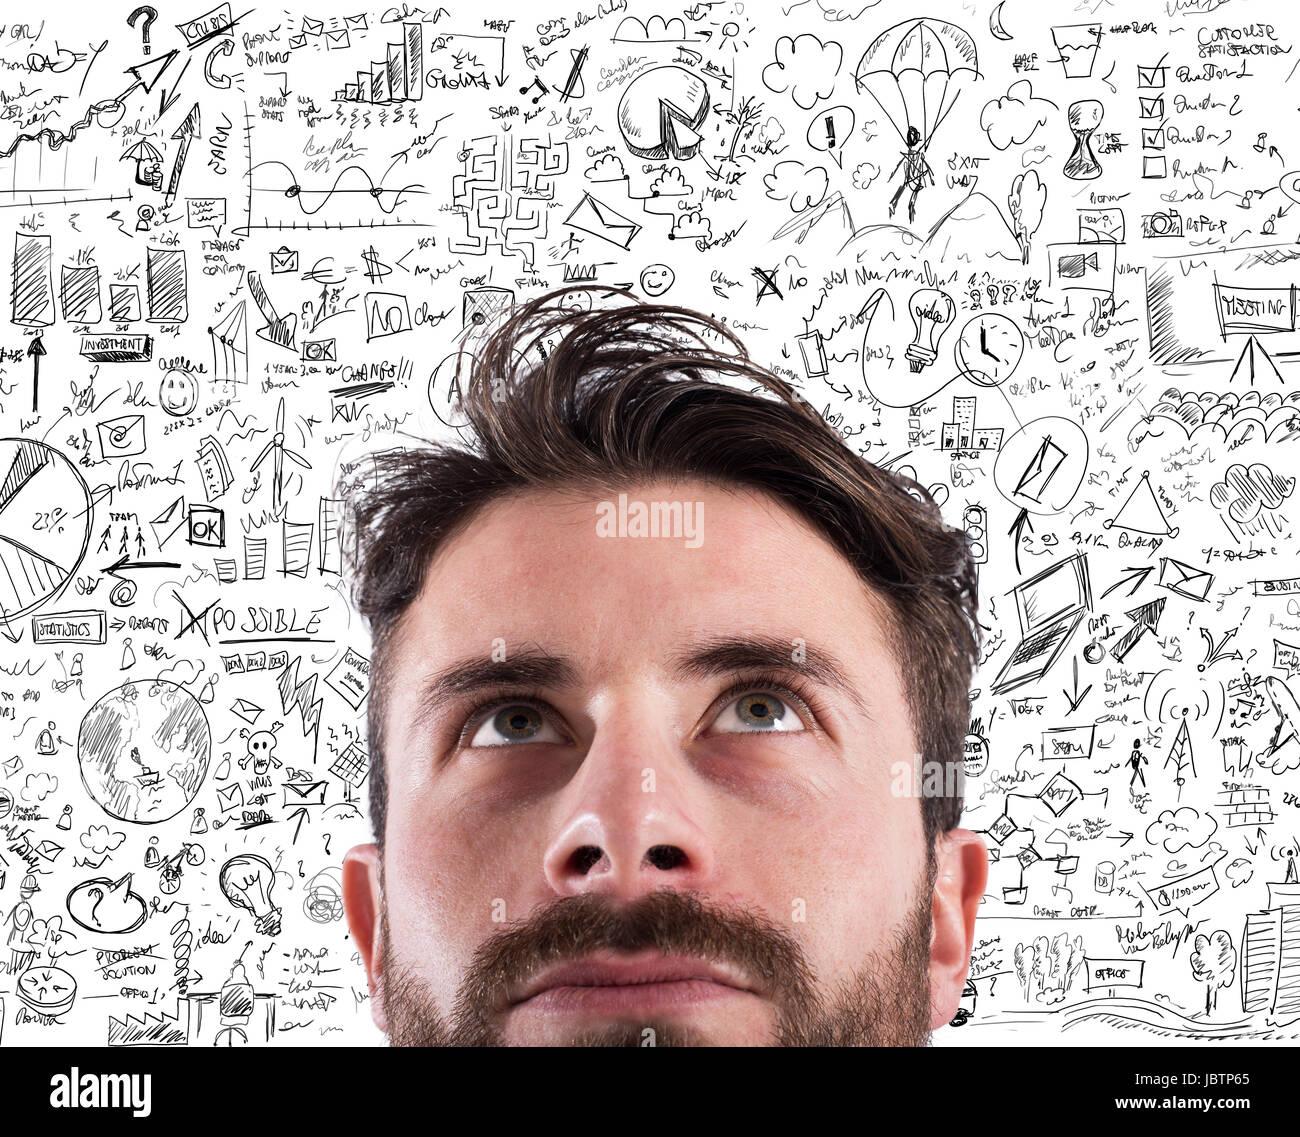 Nuevos negocios idea creativa de un proyecto Imagen De Stock